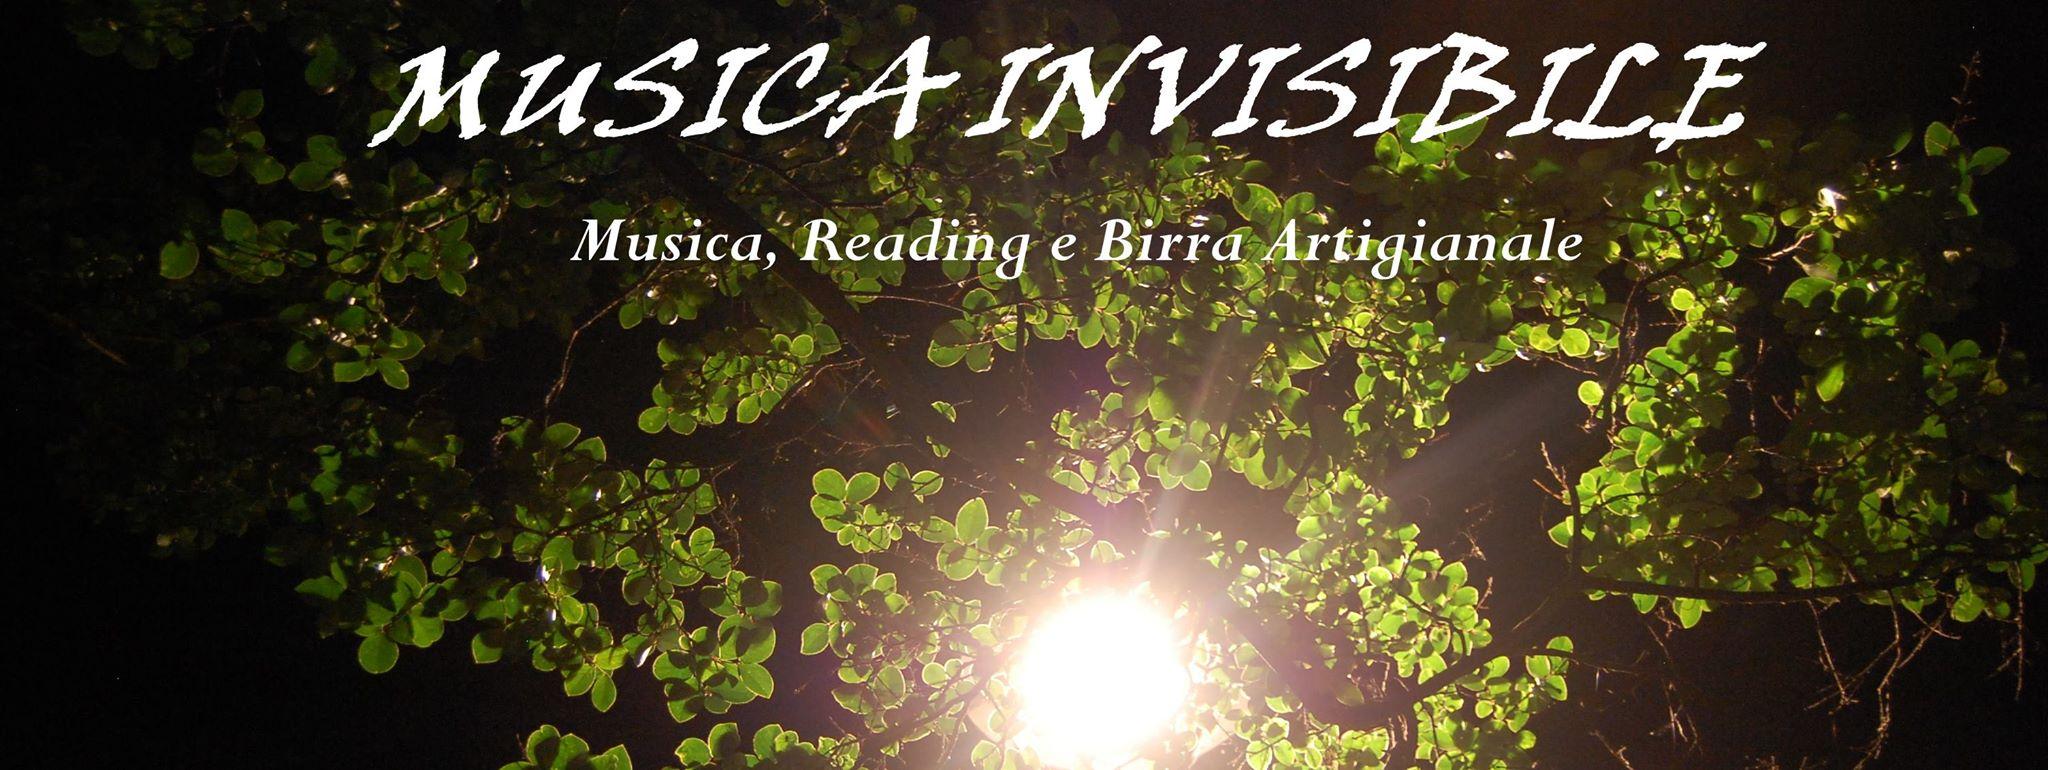 Musica Invisibile